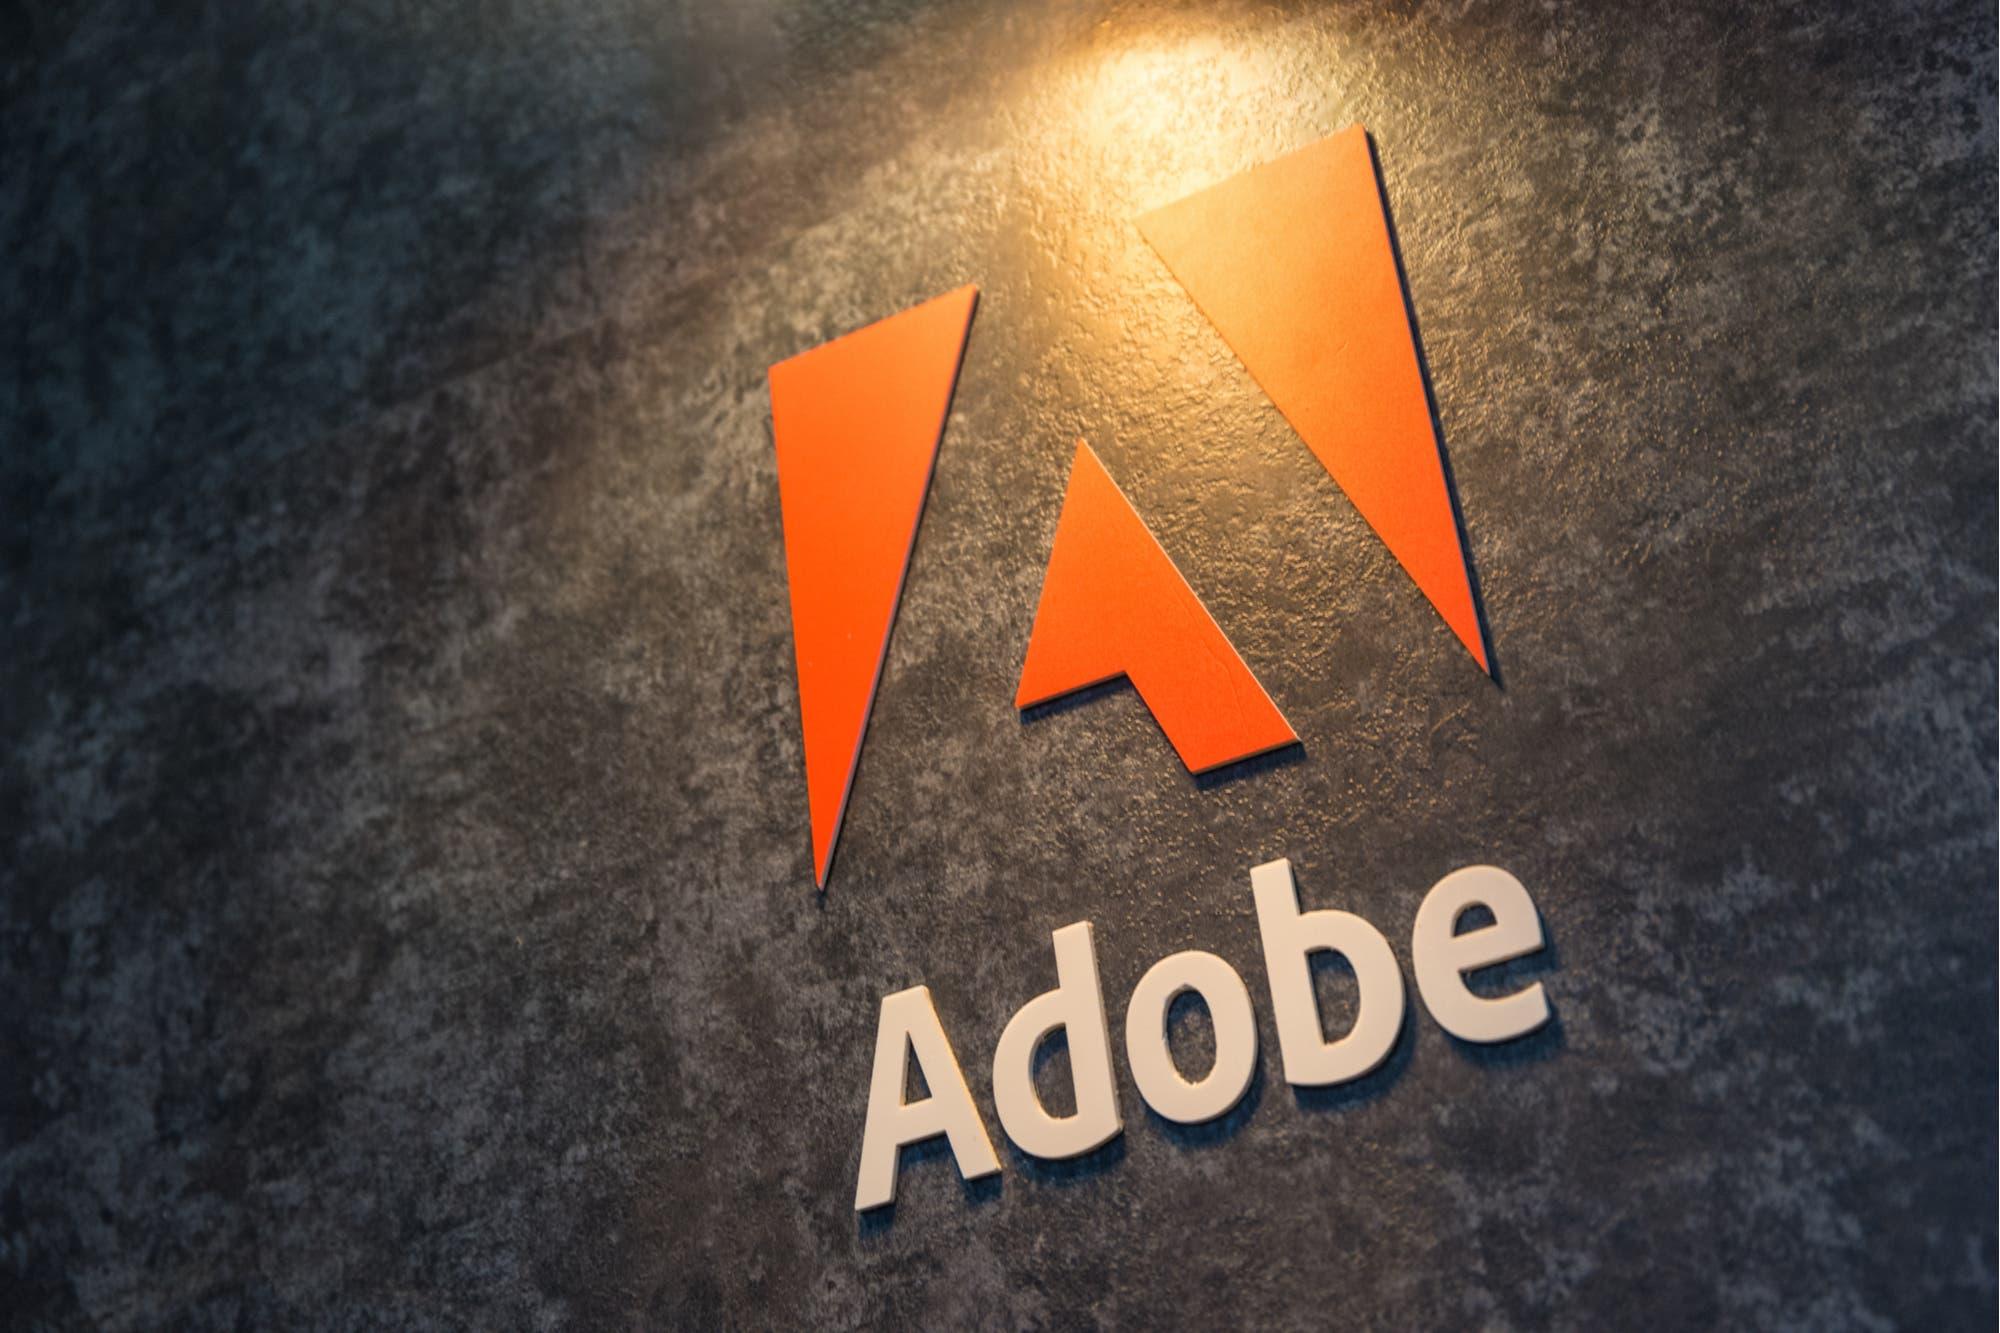 Una brecha en Adobe Creative Cloud dejó expuestos los datos de cerca de 7,5 millones de usuarios